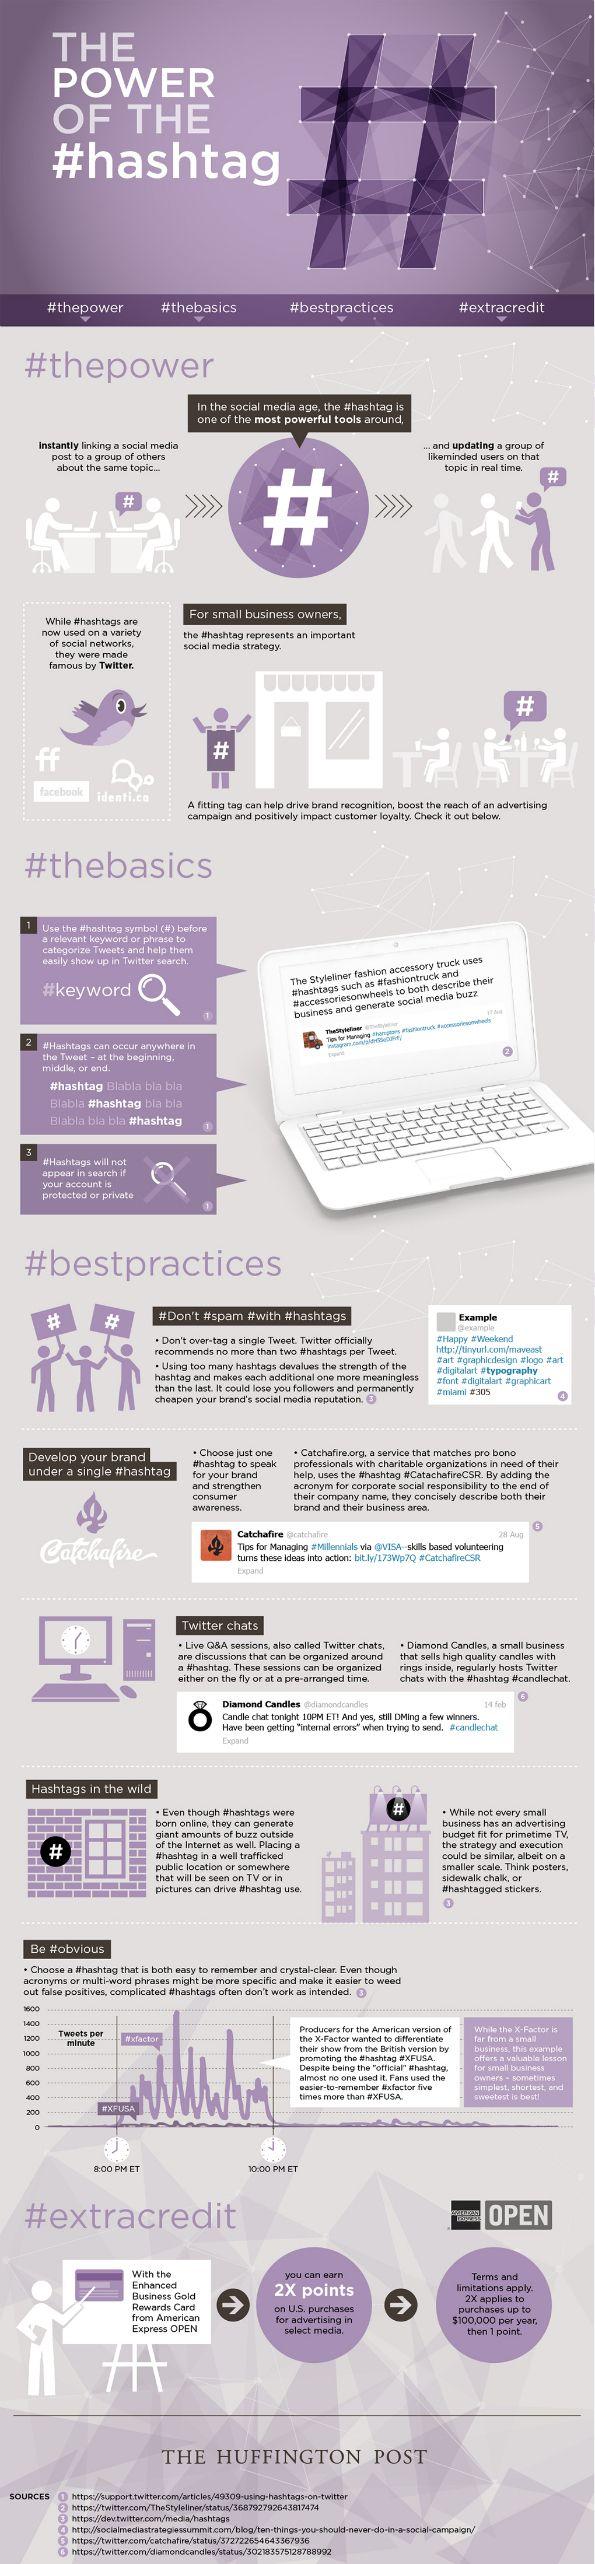 The Power of the #Hashtag - For more Pinterest best practices view our related blog post -  Quem nunca utilizou hashtags em grupos fechados ou em publicações privadas?